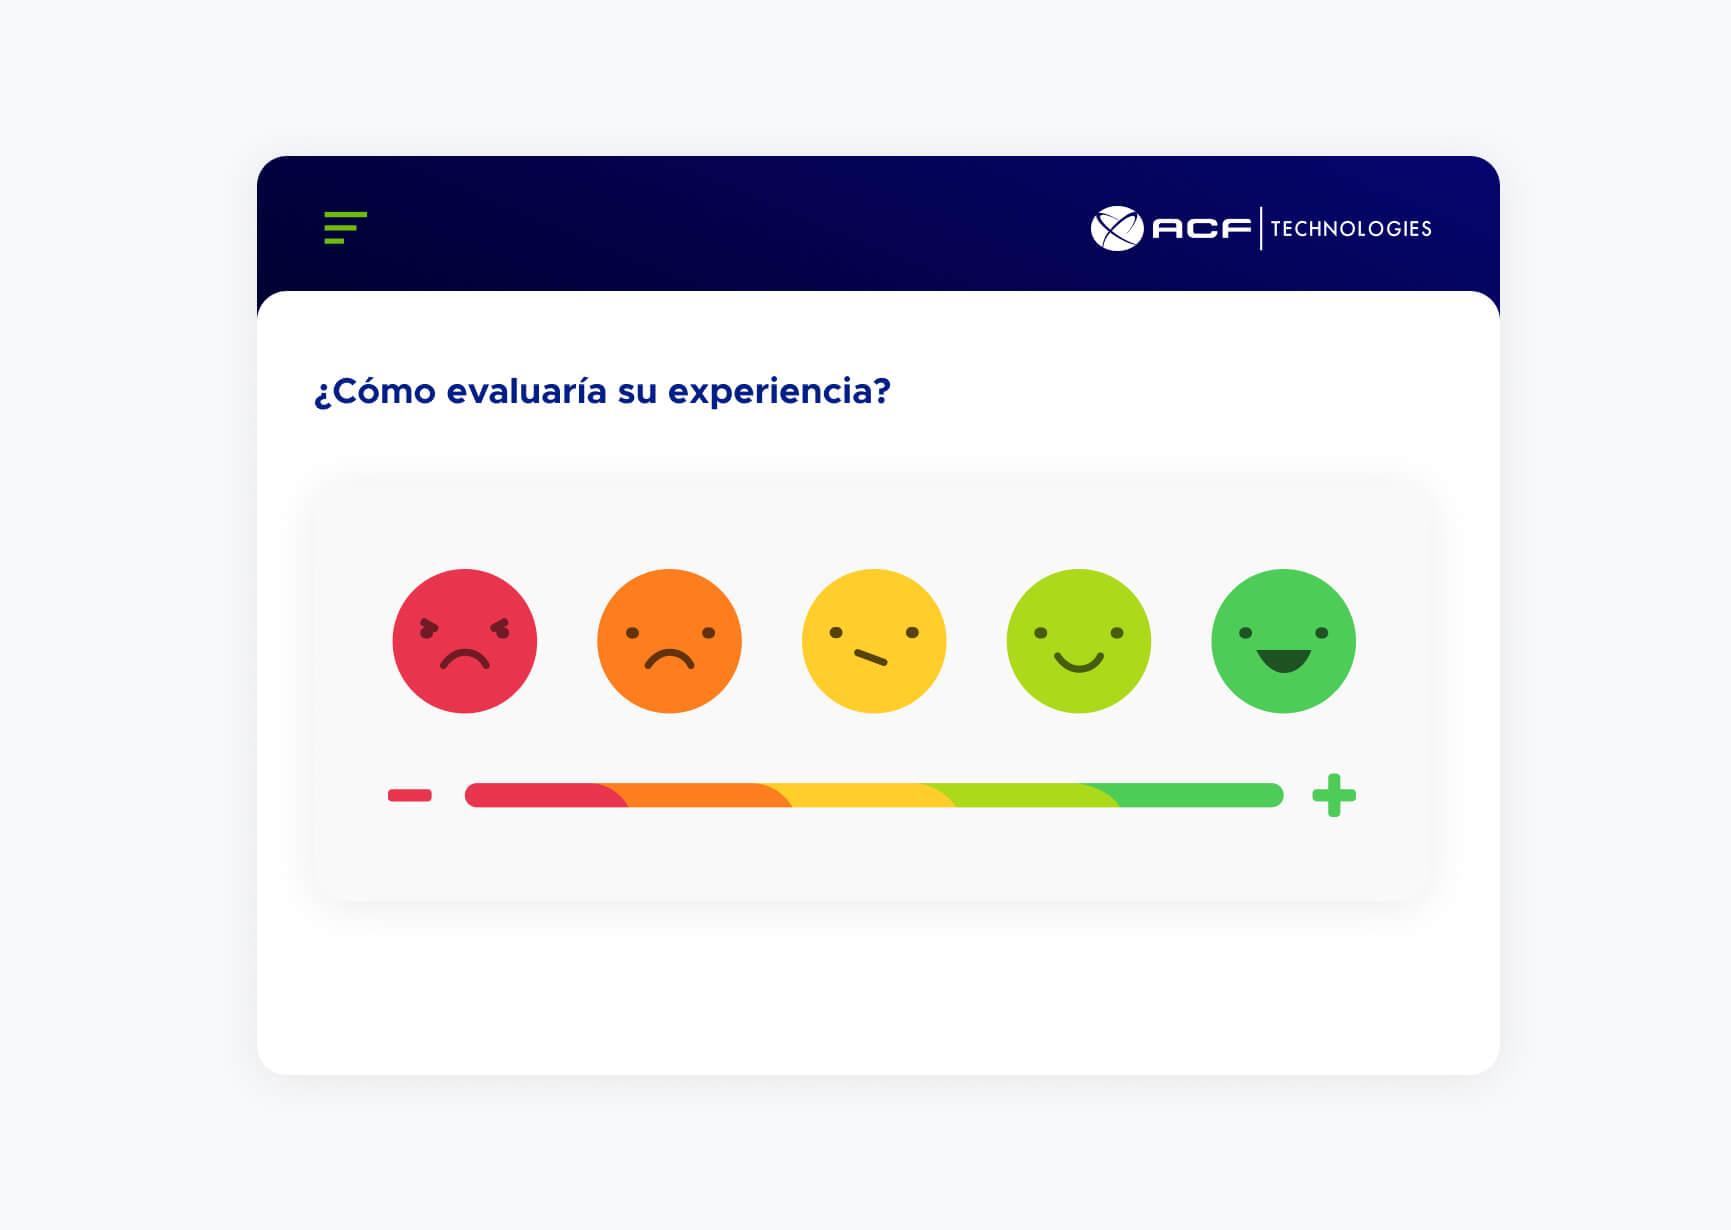 Pantalla de evaluación de experiencia con iconos de caritas desde enojado hasta feliz